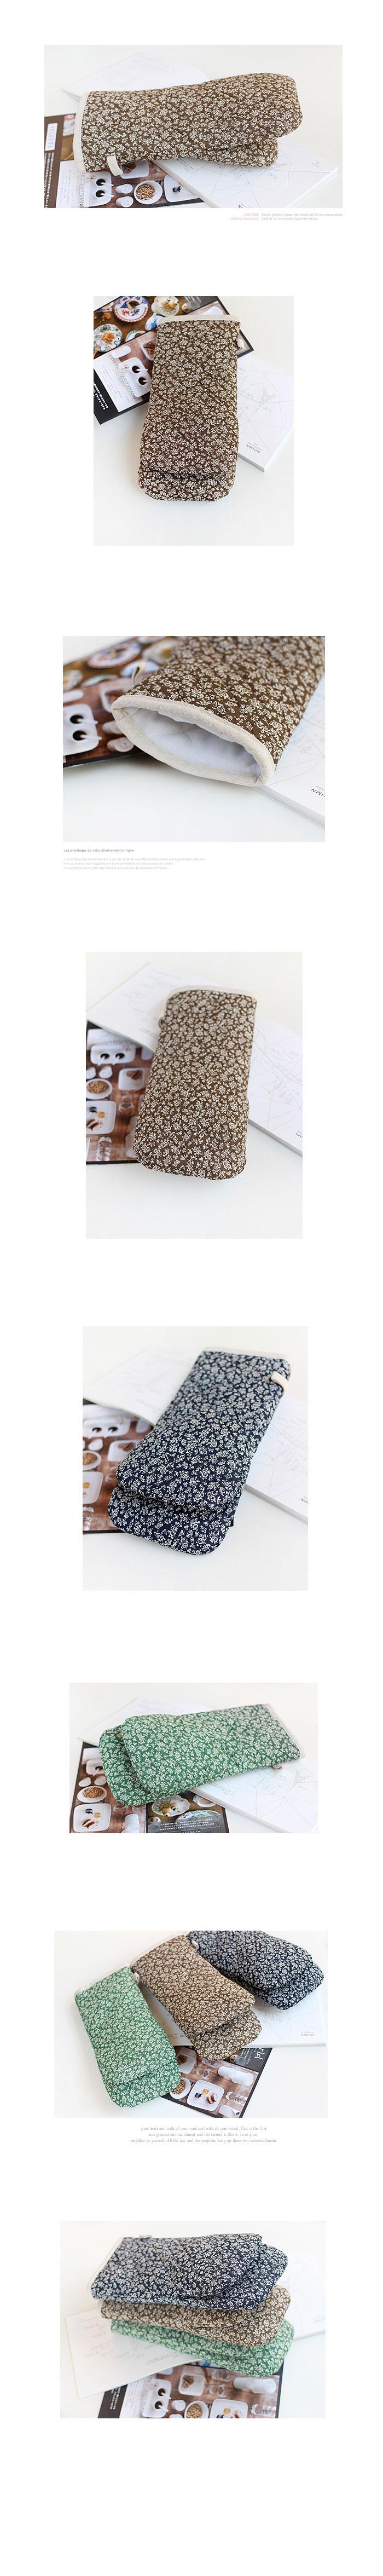 베리플라 오븐장갑(3color) -한손 - 안나하우스, 5,000원, 주방장갑/주방타올, 주방장갑